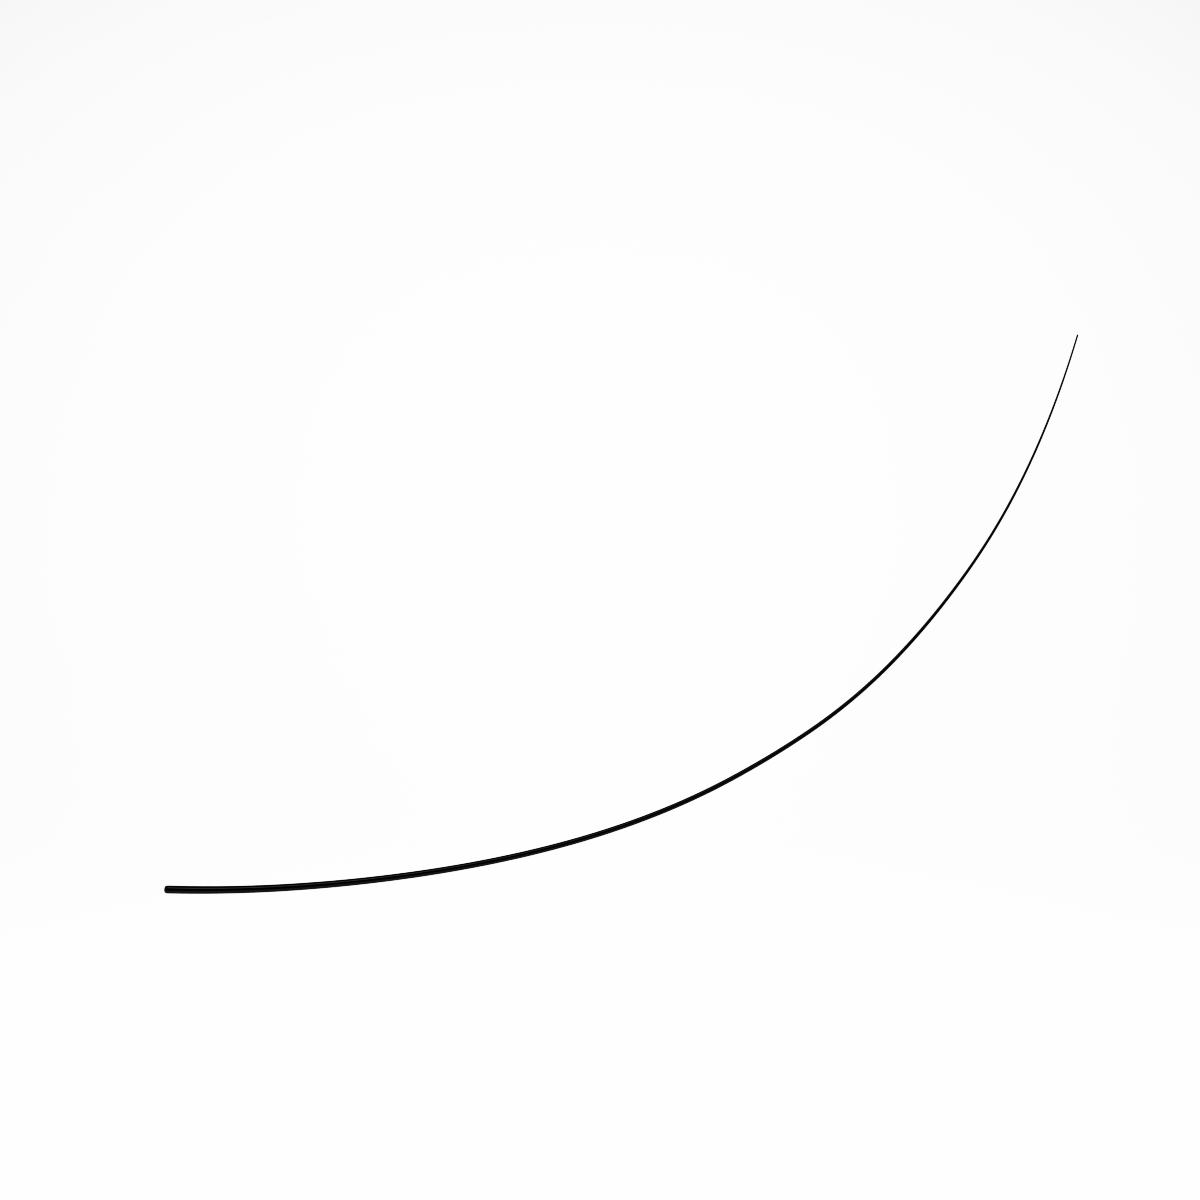 rzesy-objetosciowe-silk-black-b-0-05